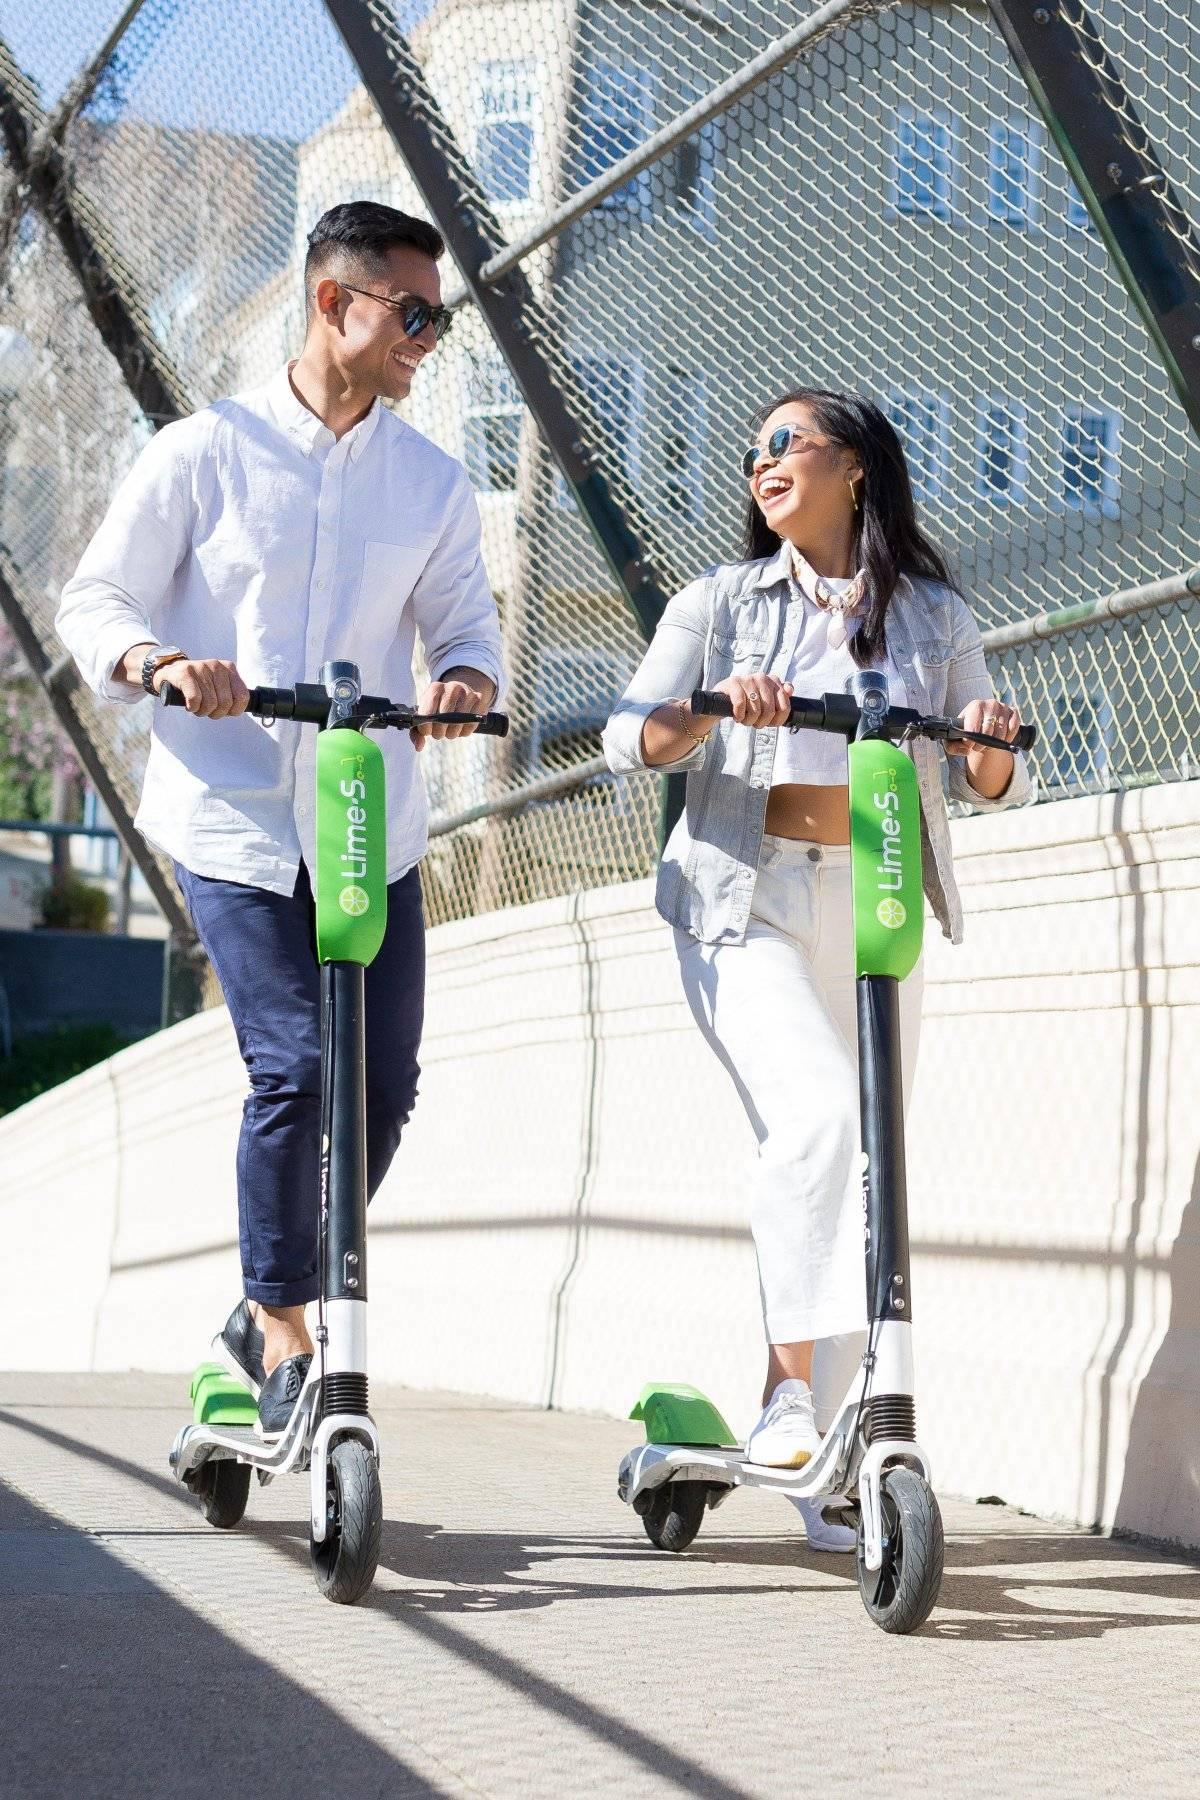 Gentileza Lime / Empresa Lime busca traer scooter eléctricos compartidos